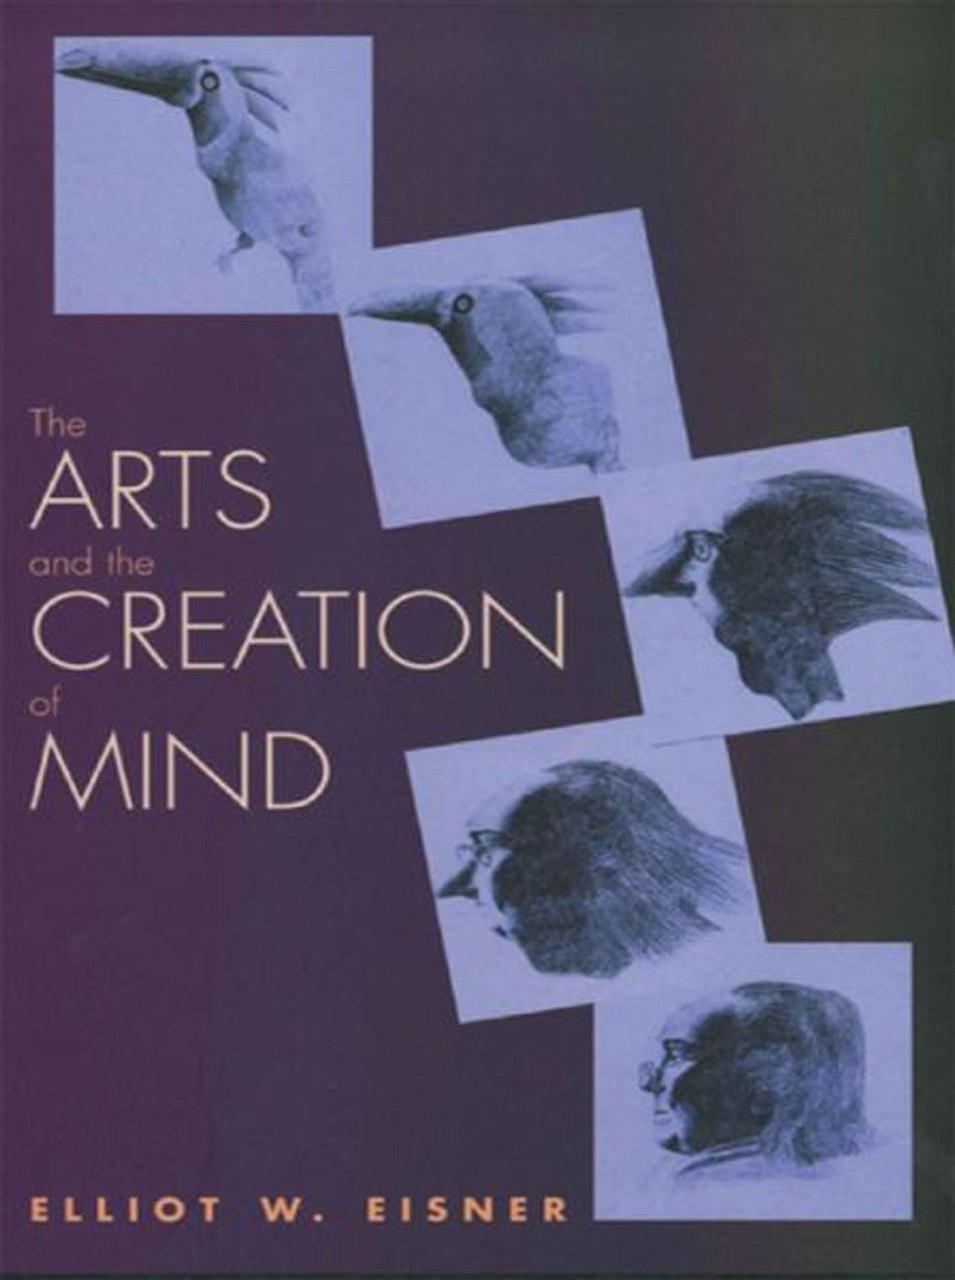 هنرها و آفرینش ذهن (آیزنر، ۲۰۰۲)